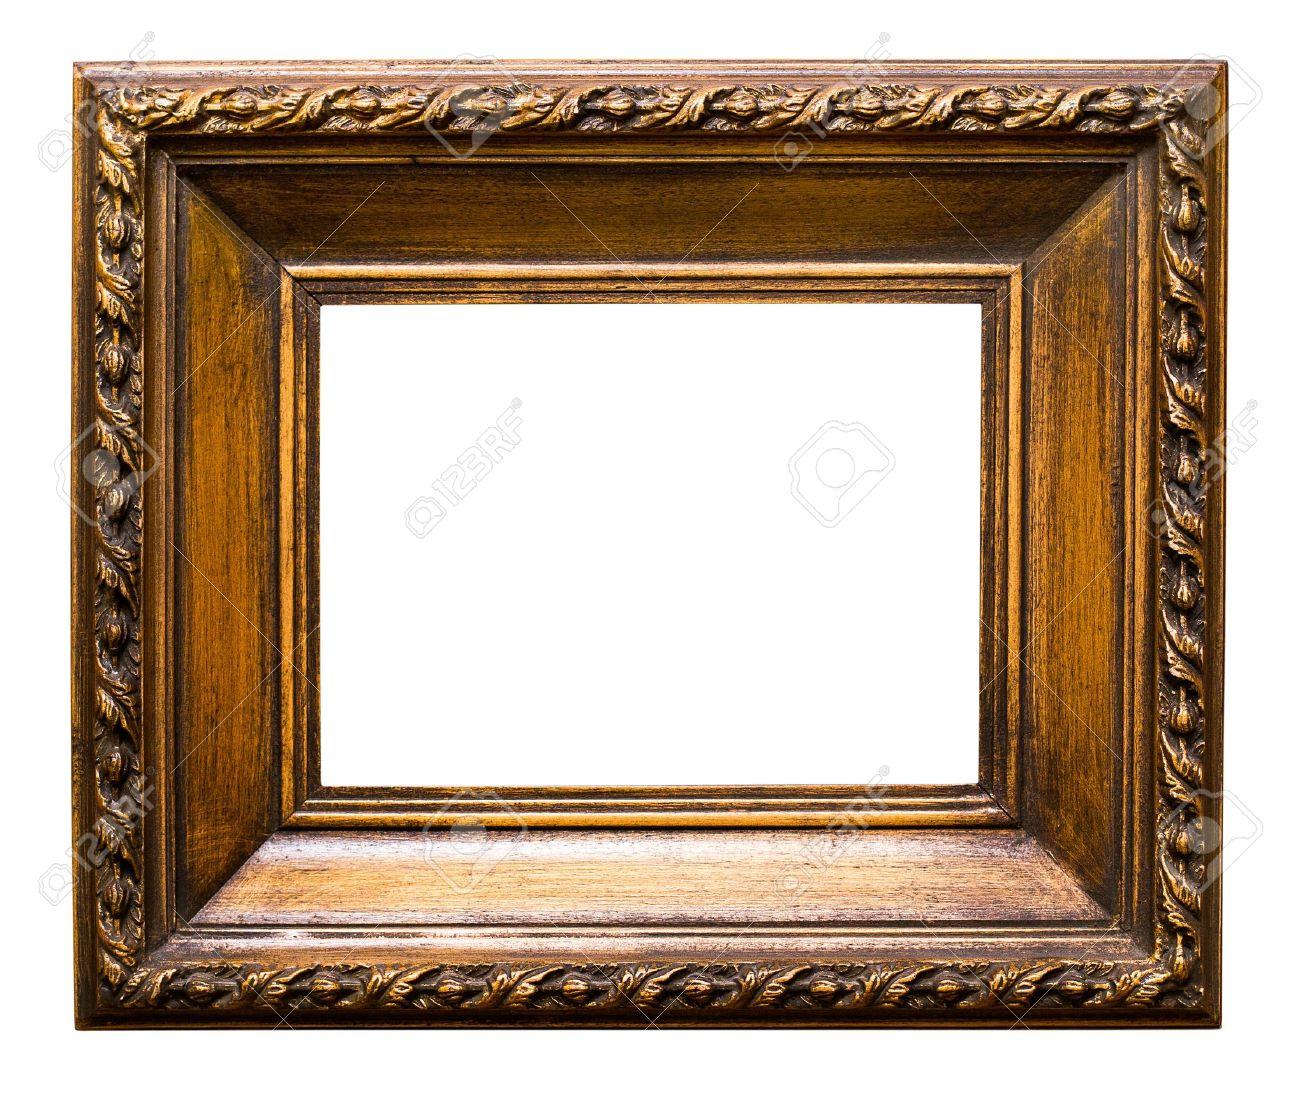 Oude Gouden Retro Spiegel Frame Nr. 24 Geïsoleerd Op Witte ...